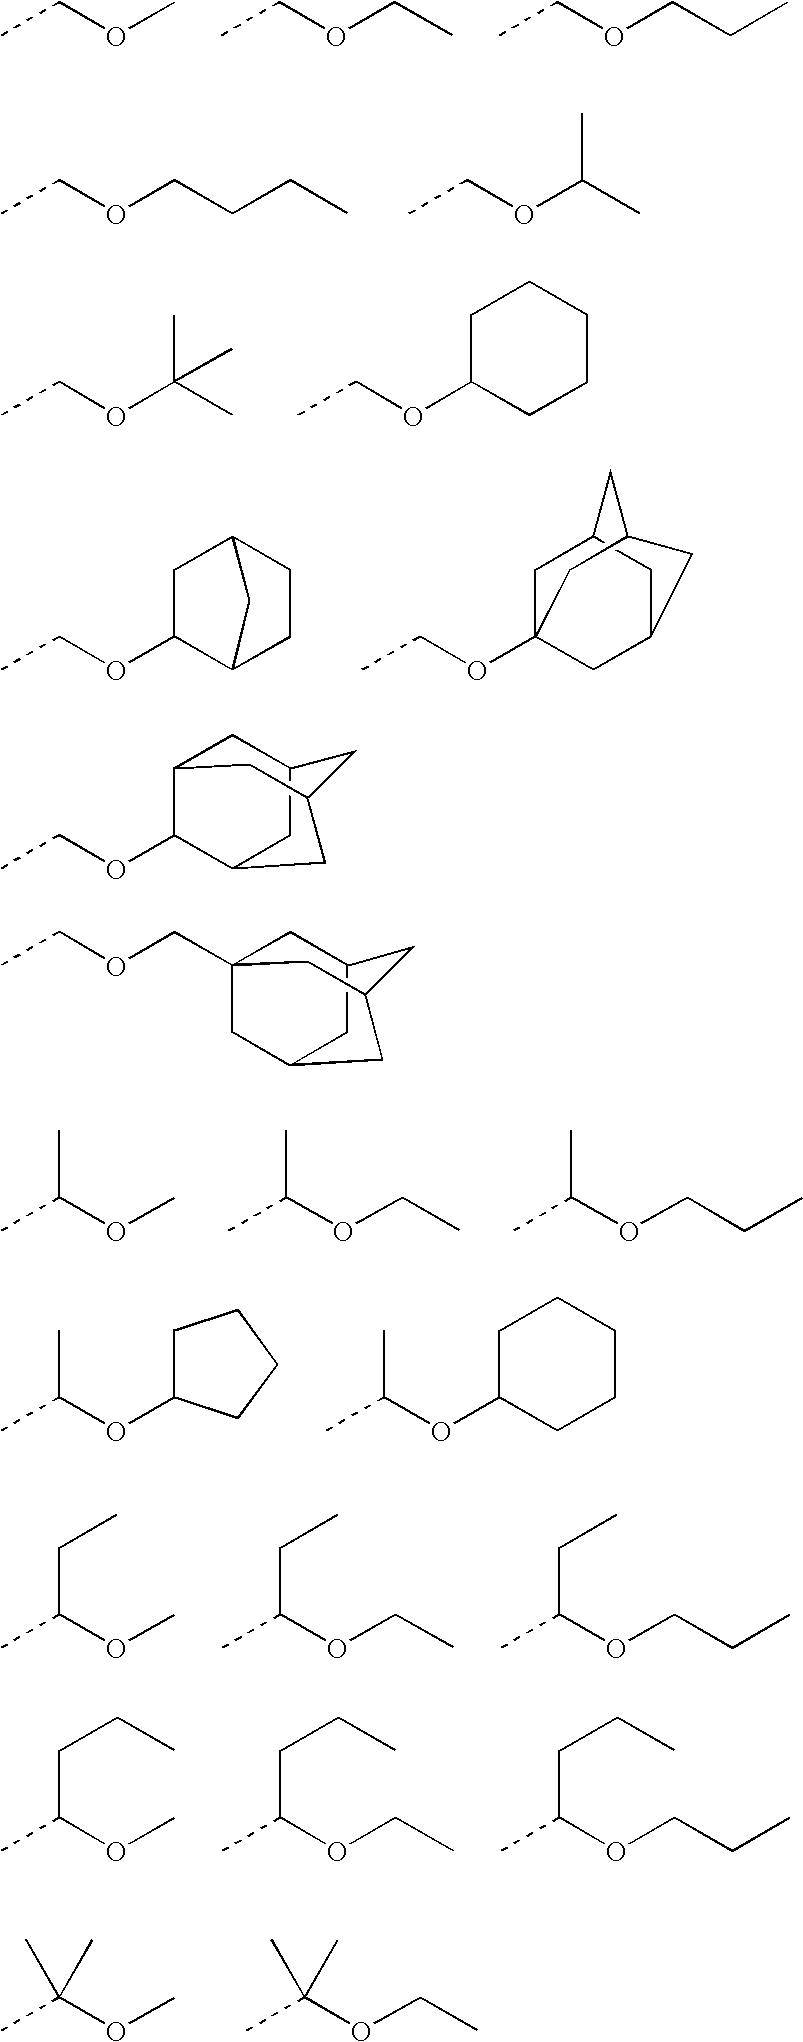 Figure US20060094817A1-20060504-C00010